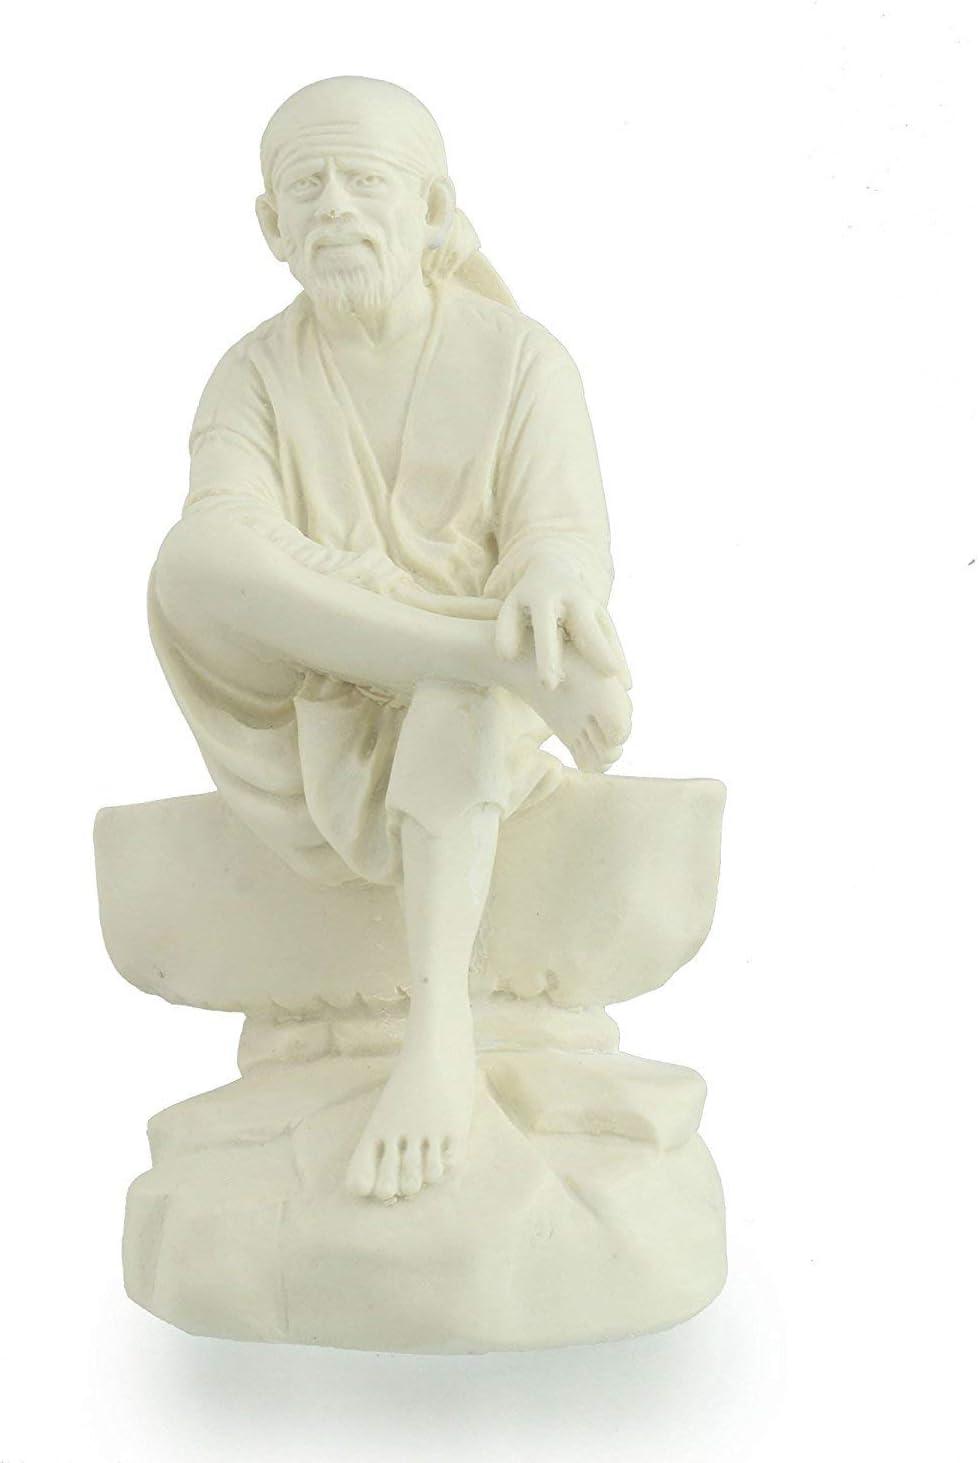 Sai Baba Idols for Car Dashboard | Saibaba Statue White for Home Decor